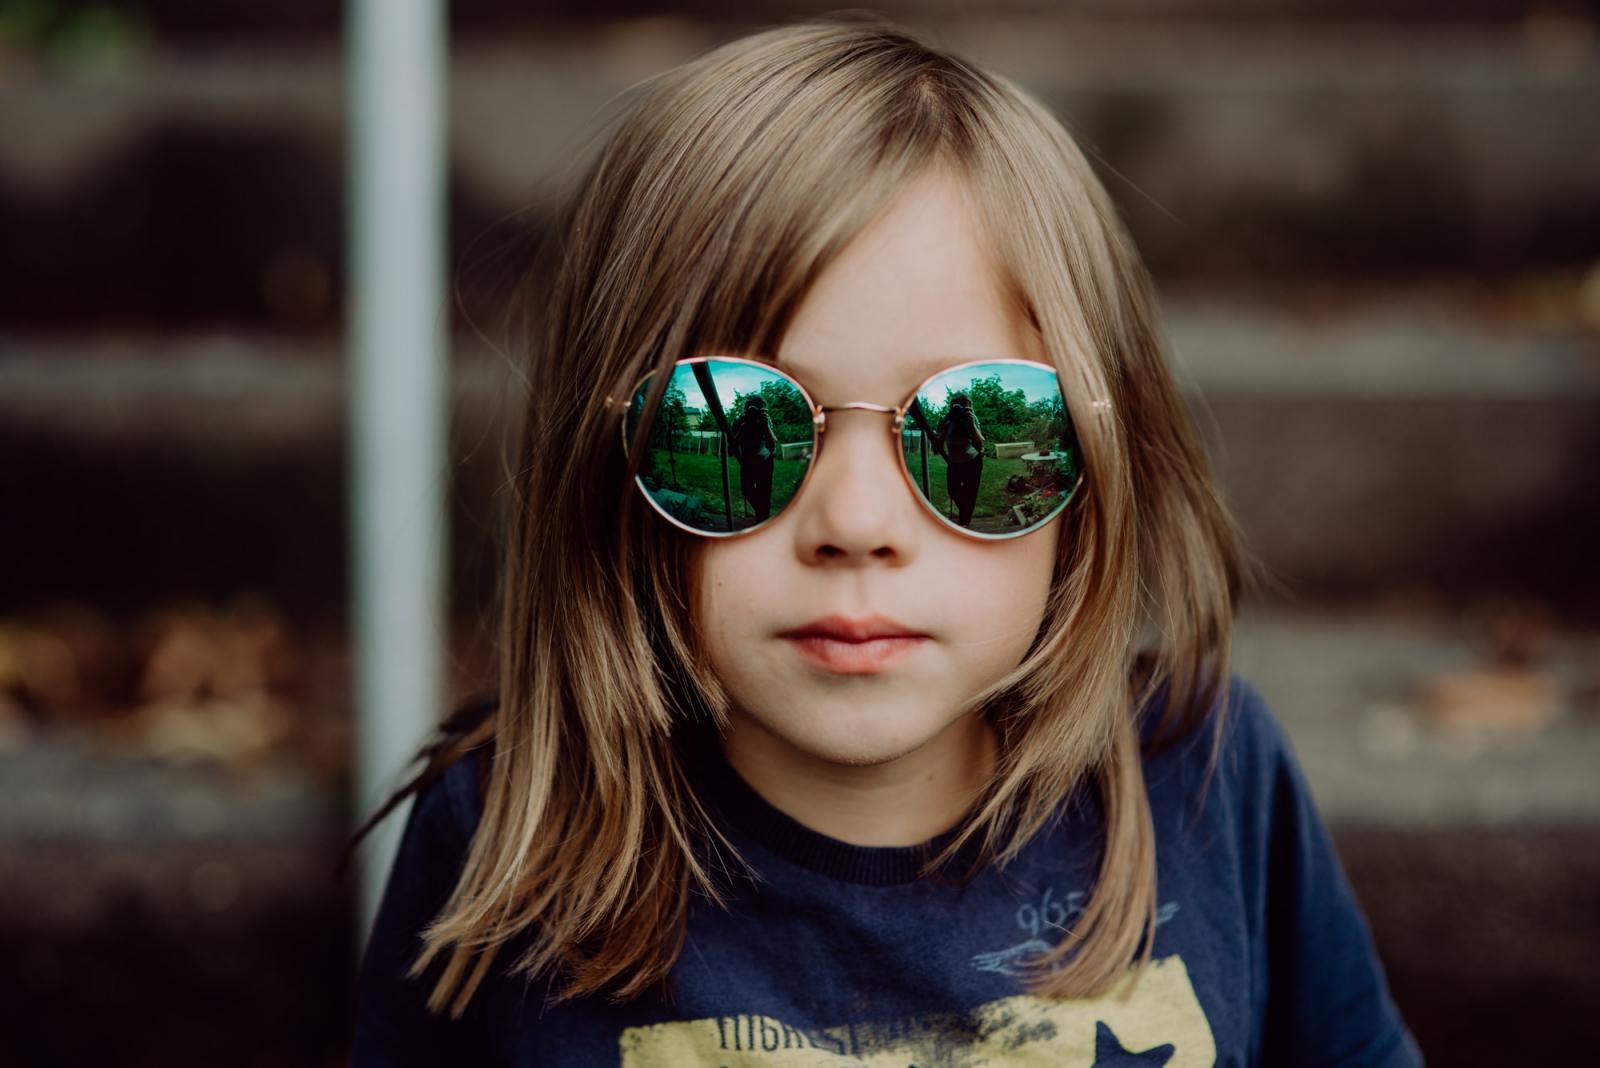 Junge mit langen Haaren und Sonnenbrille - Kinderfotograf Radebeul